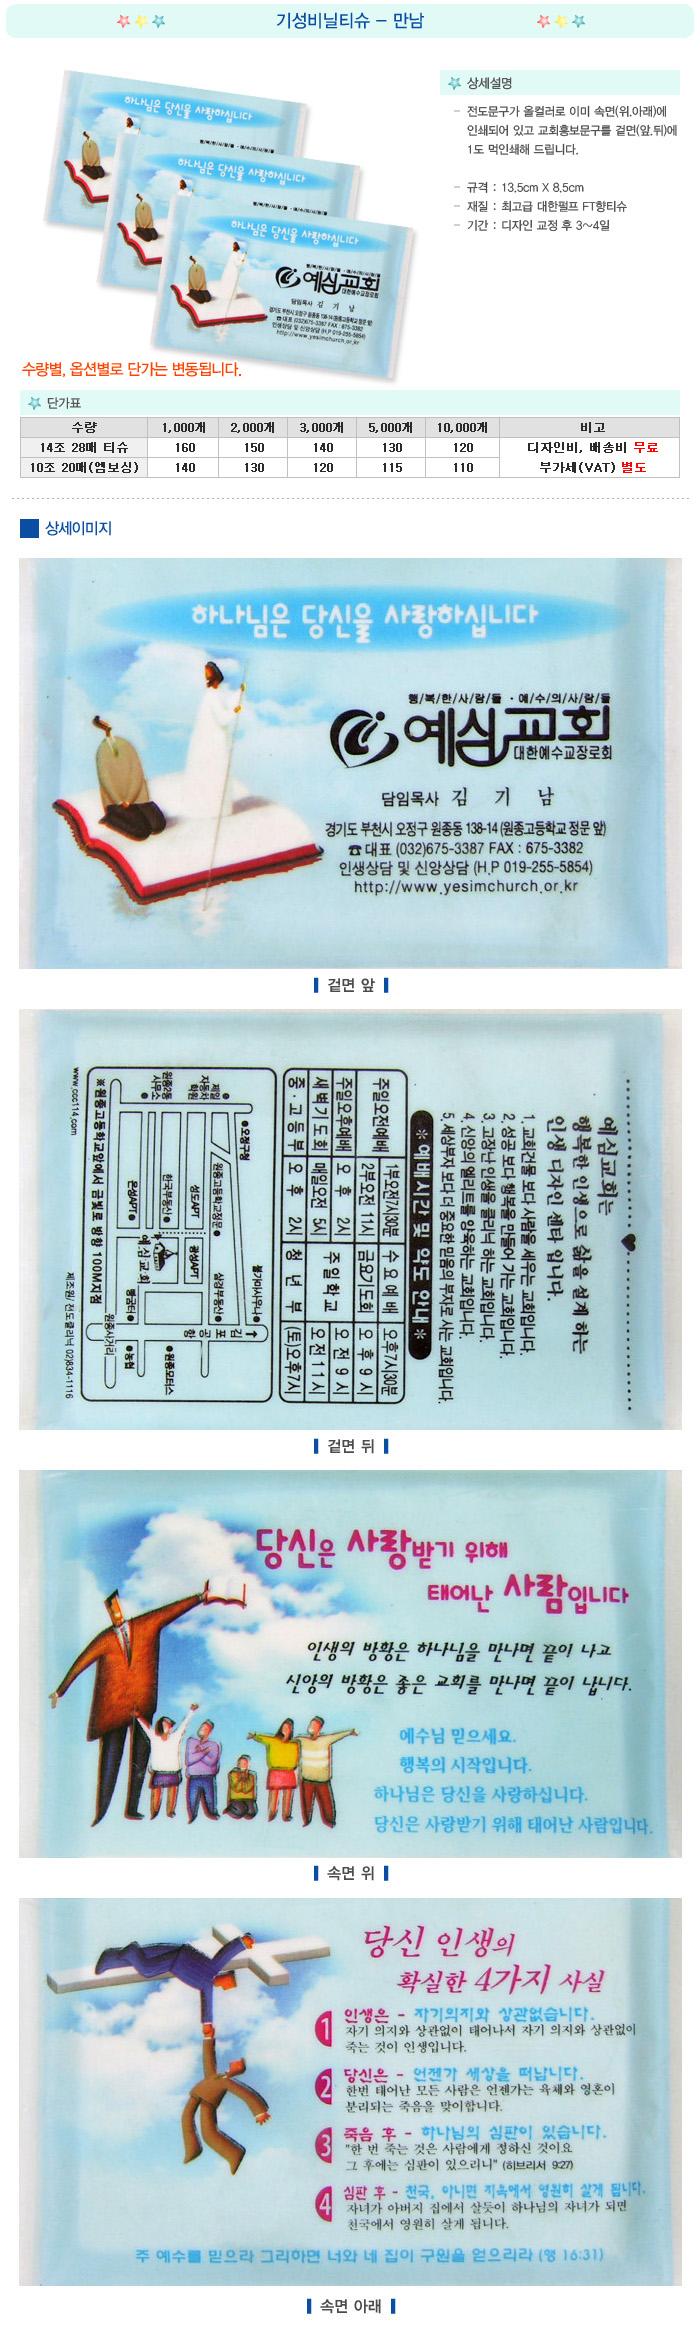 tissue2010_2_view.jpg